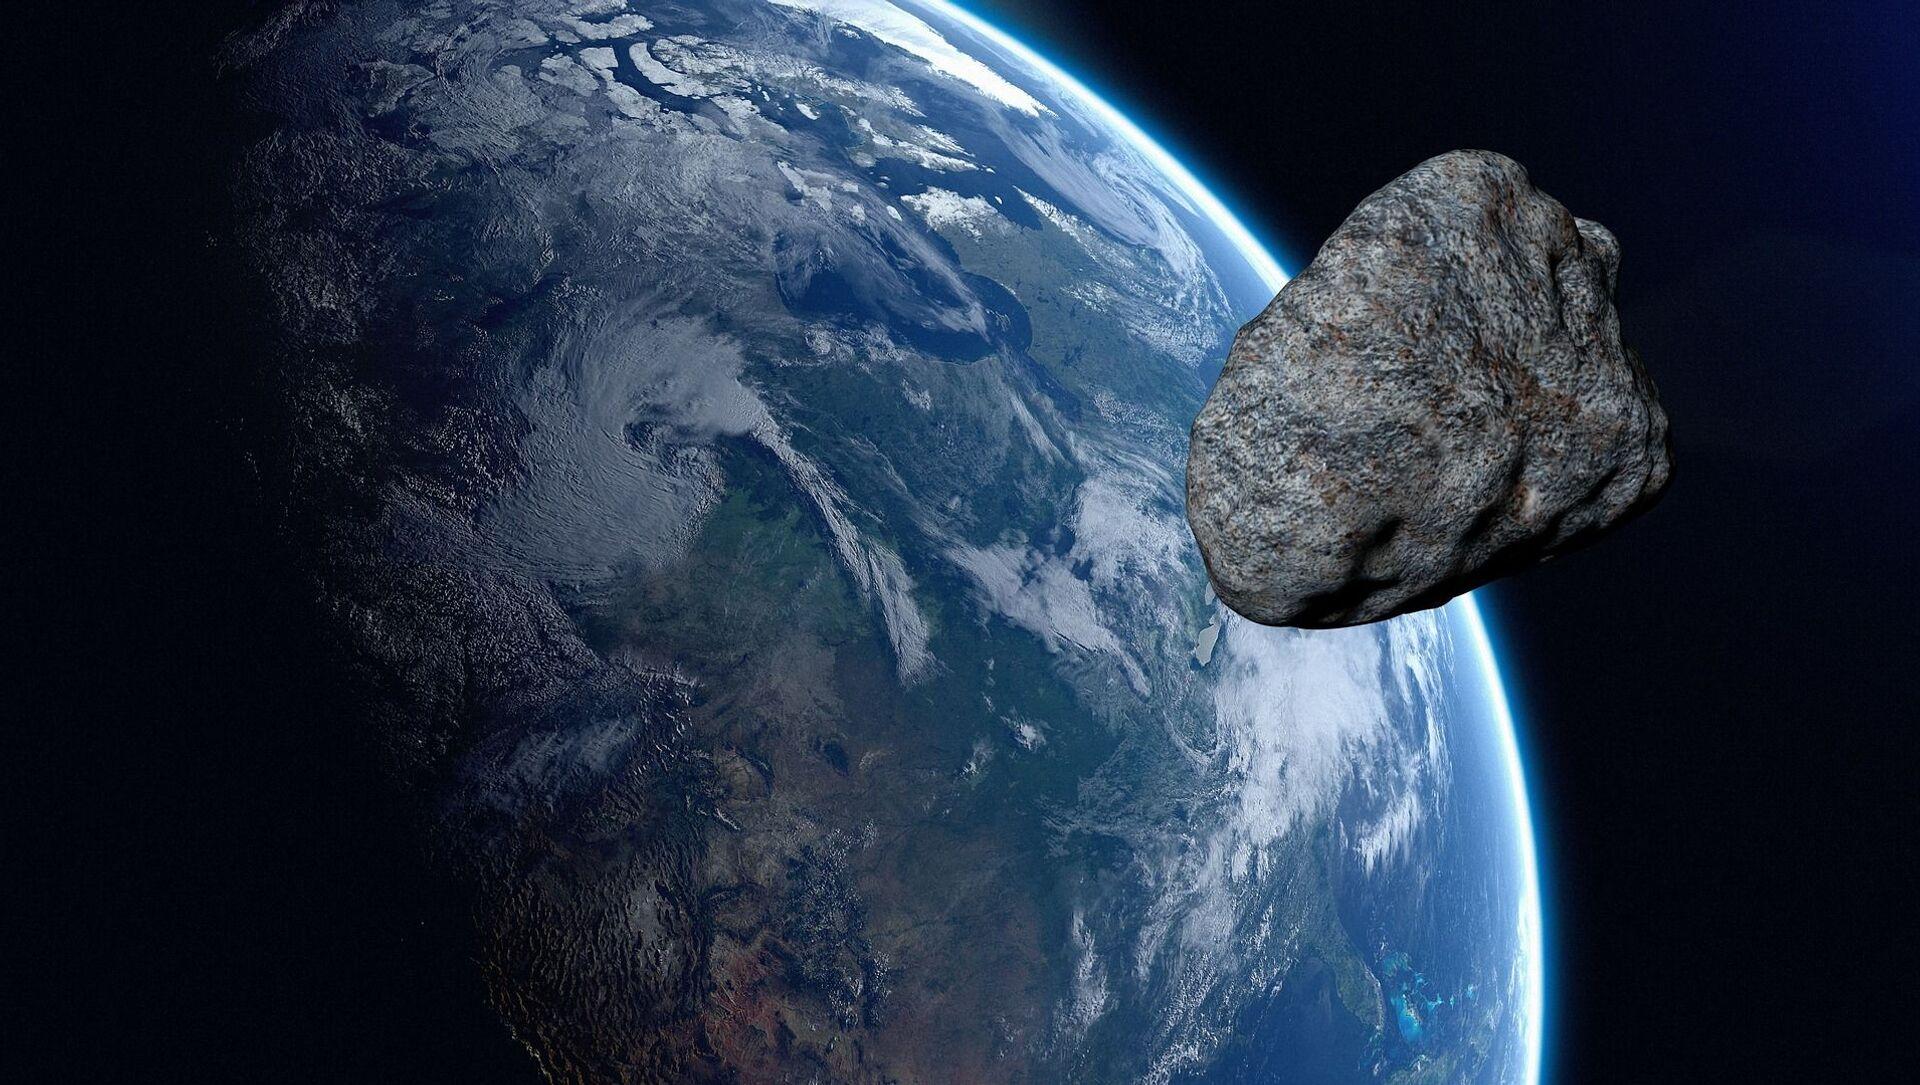 Un astéroïde  - Sputnik France, 1920, 12.08.2021